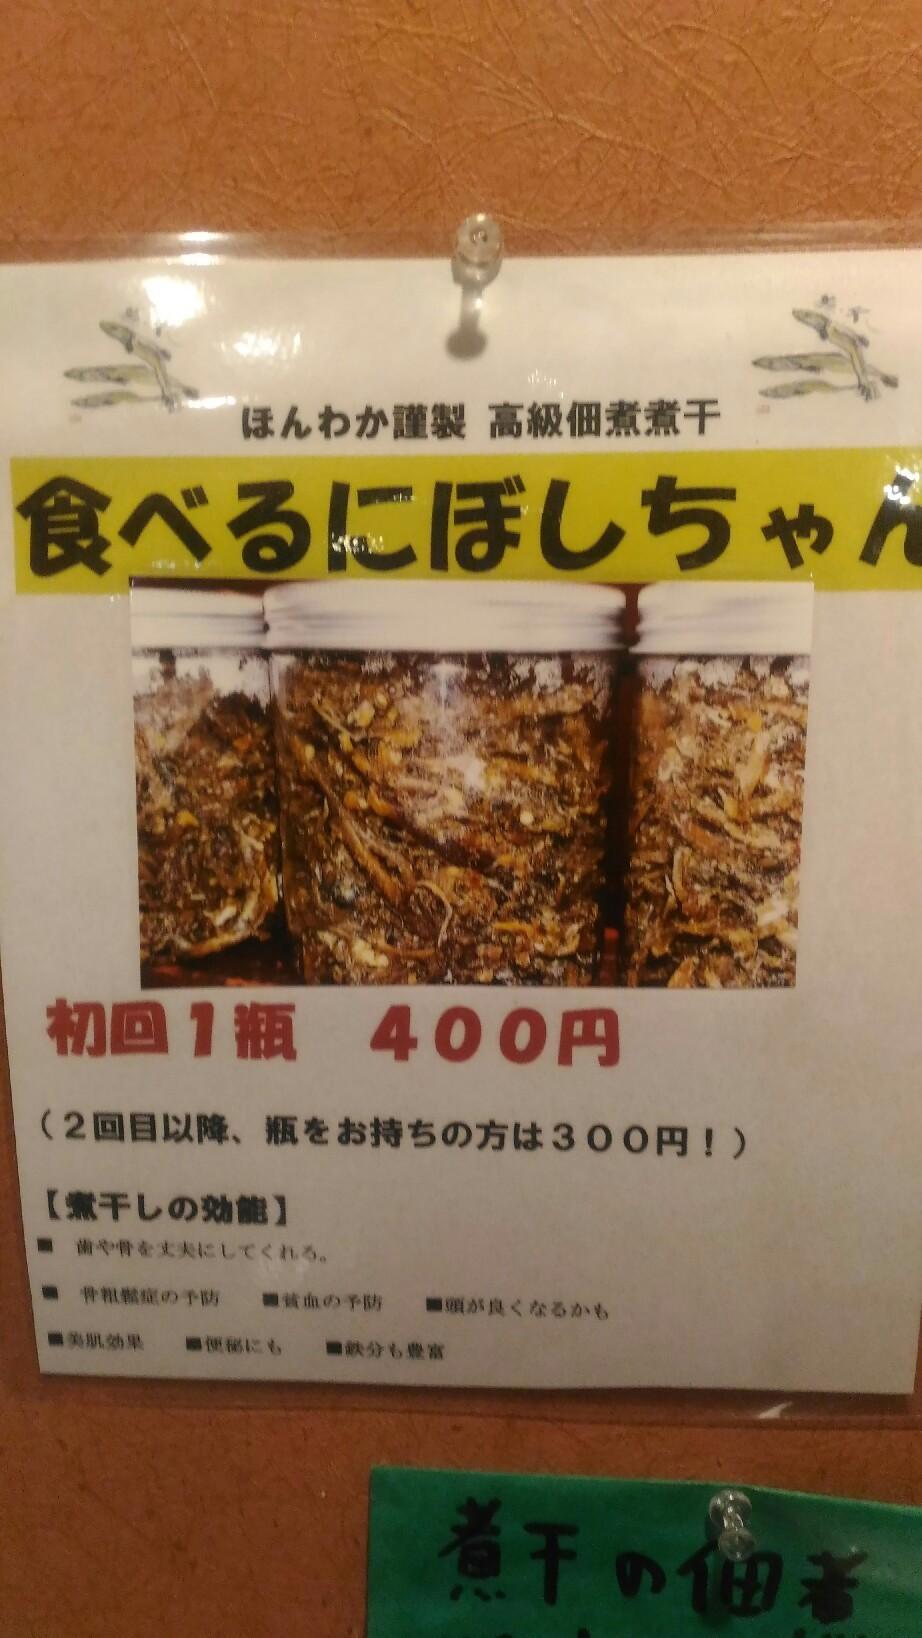 【麺旨のほんわか】食べる煮干しちゃん販売スタート_d0021932_20535113.jpg